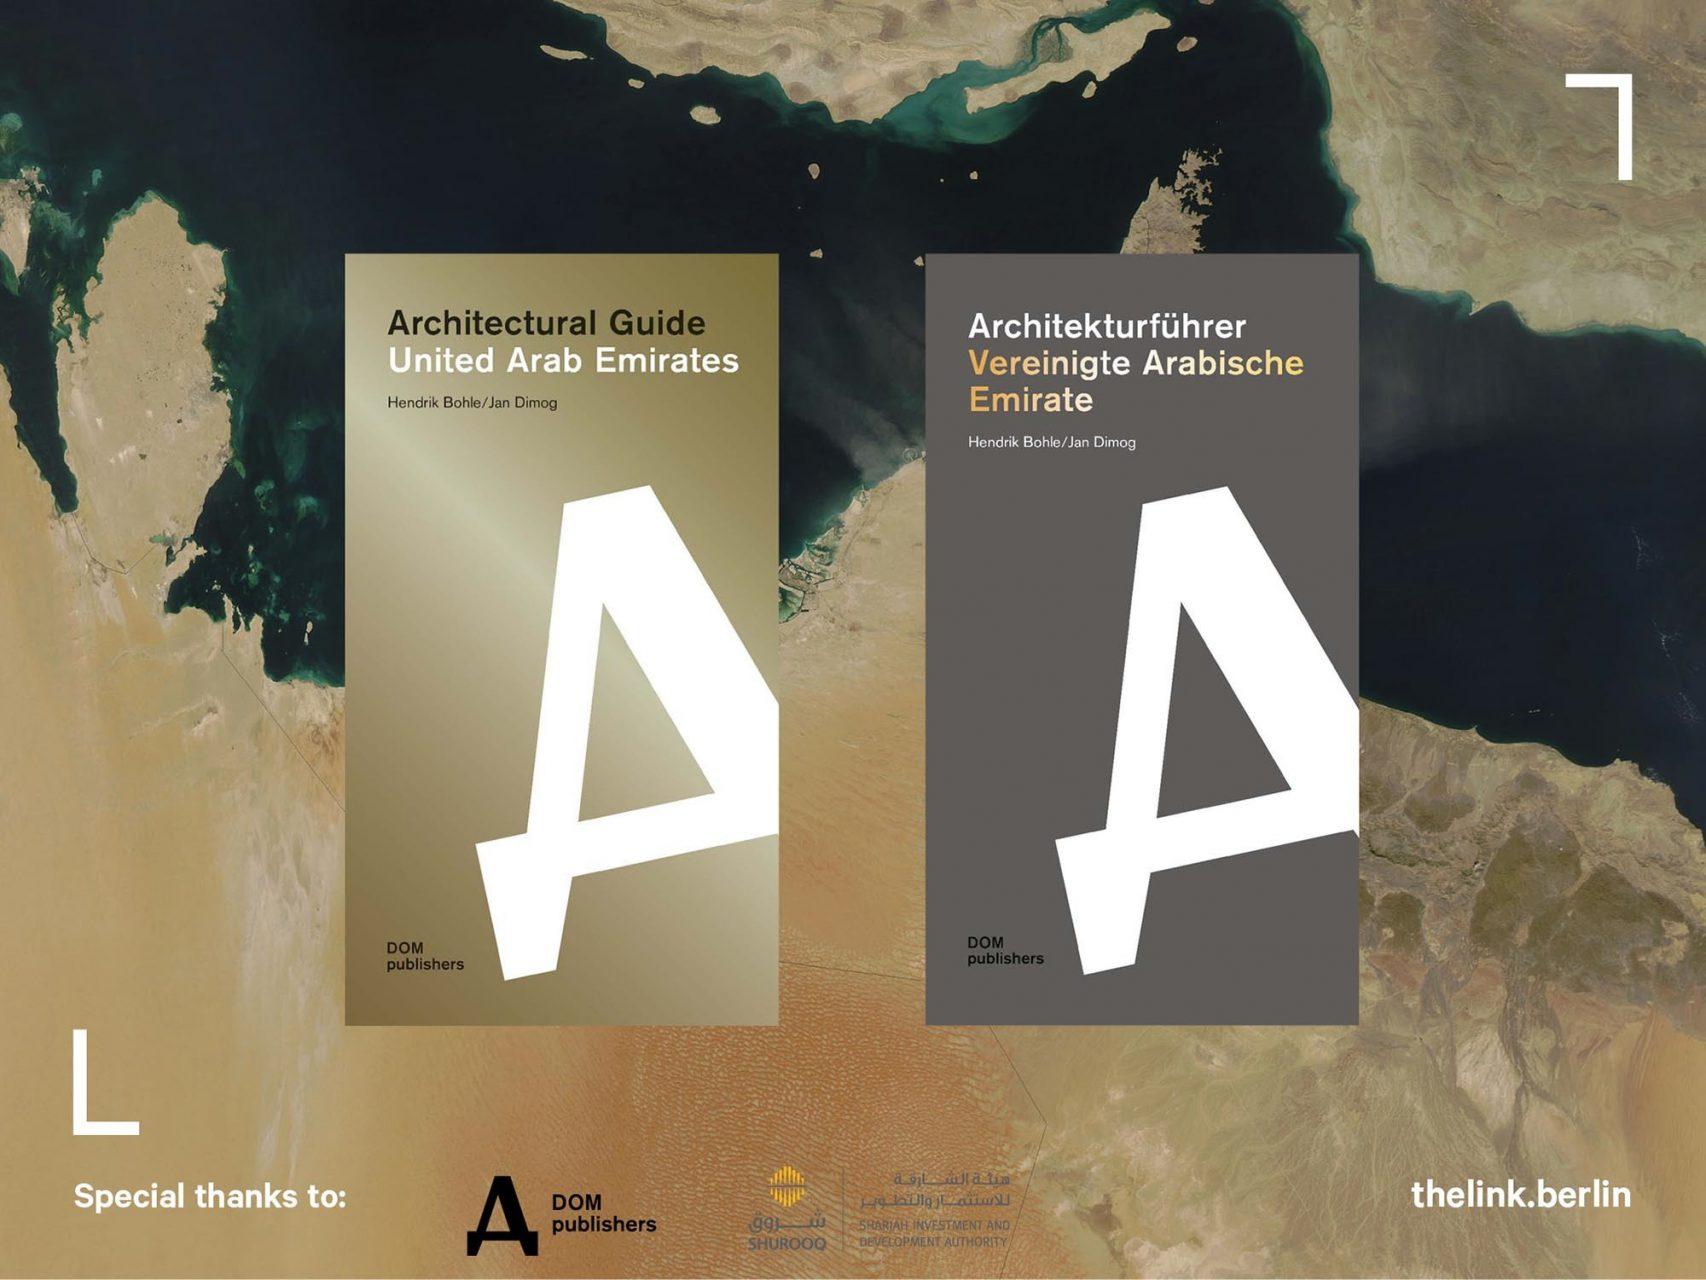 Cover. Die Cover der englischen und deutschen Ausgabe unseres Architekturführers Vereinigte Arabische Emirate. Wir bedanken uns beim DOM publishers-Team für die sehr gute Zusammenarbeit sowie bei Shurooq, dem Projektentwickler im Emirat Sharjah, die uns bei den umfangreichen Recherchen tatkräftig unterstützt haben.